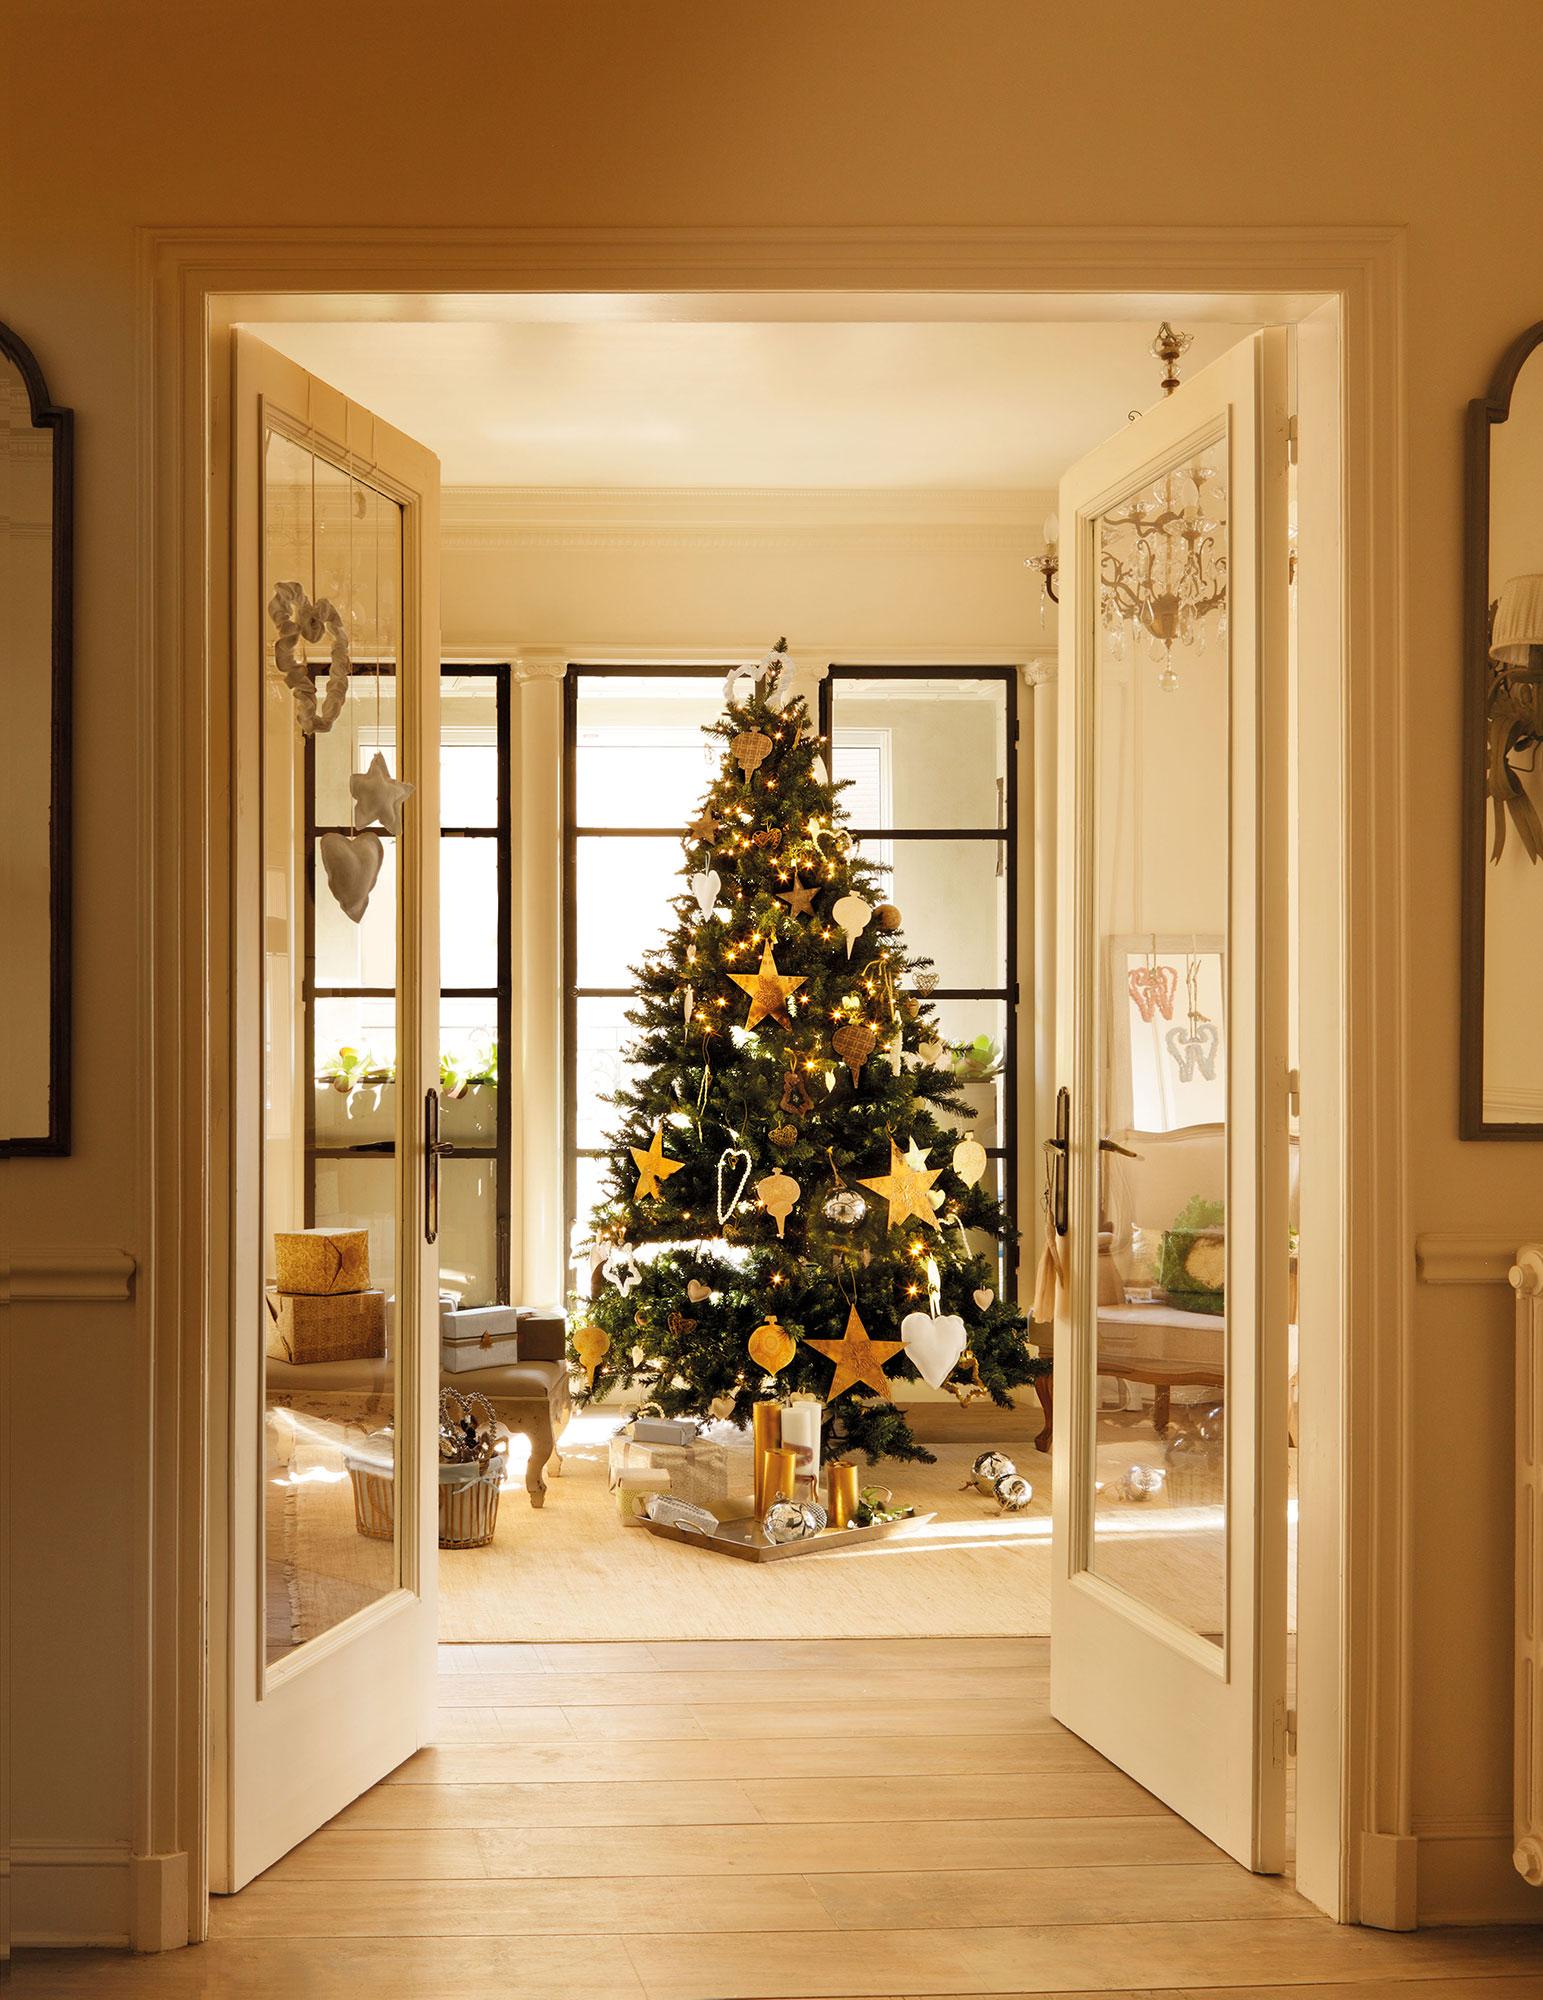 Decorar El Arbol De Navidad 15 Propuestas De Todos Los Estilos - Arbol-de-navidad-artesanal